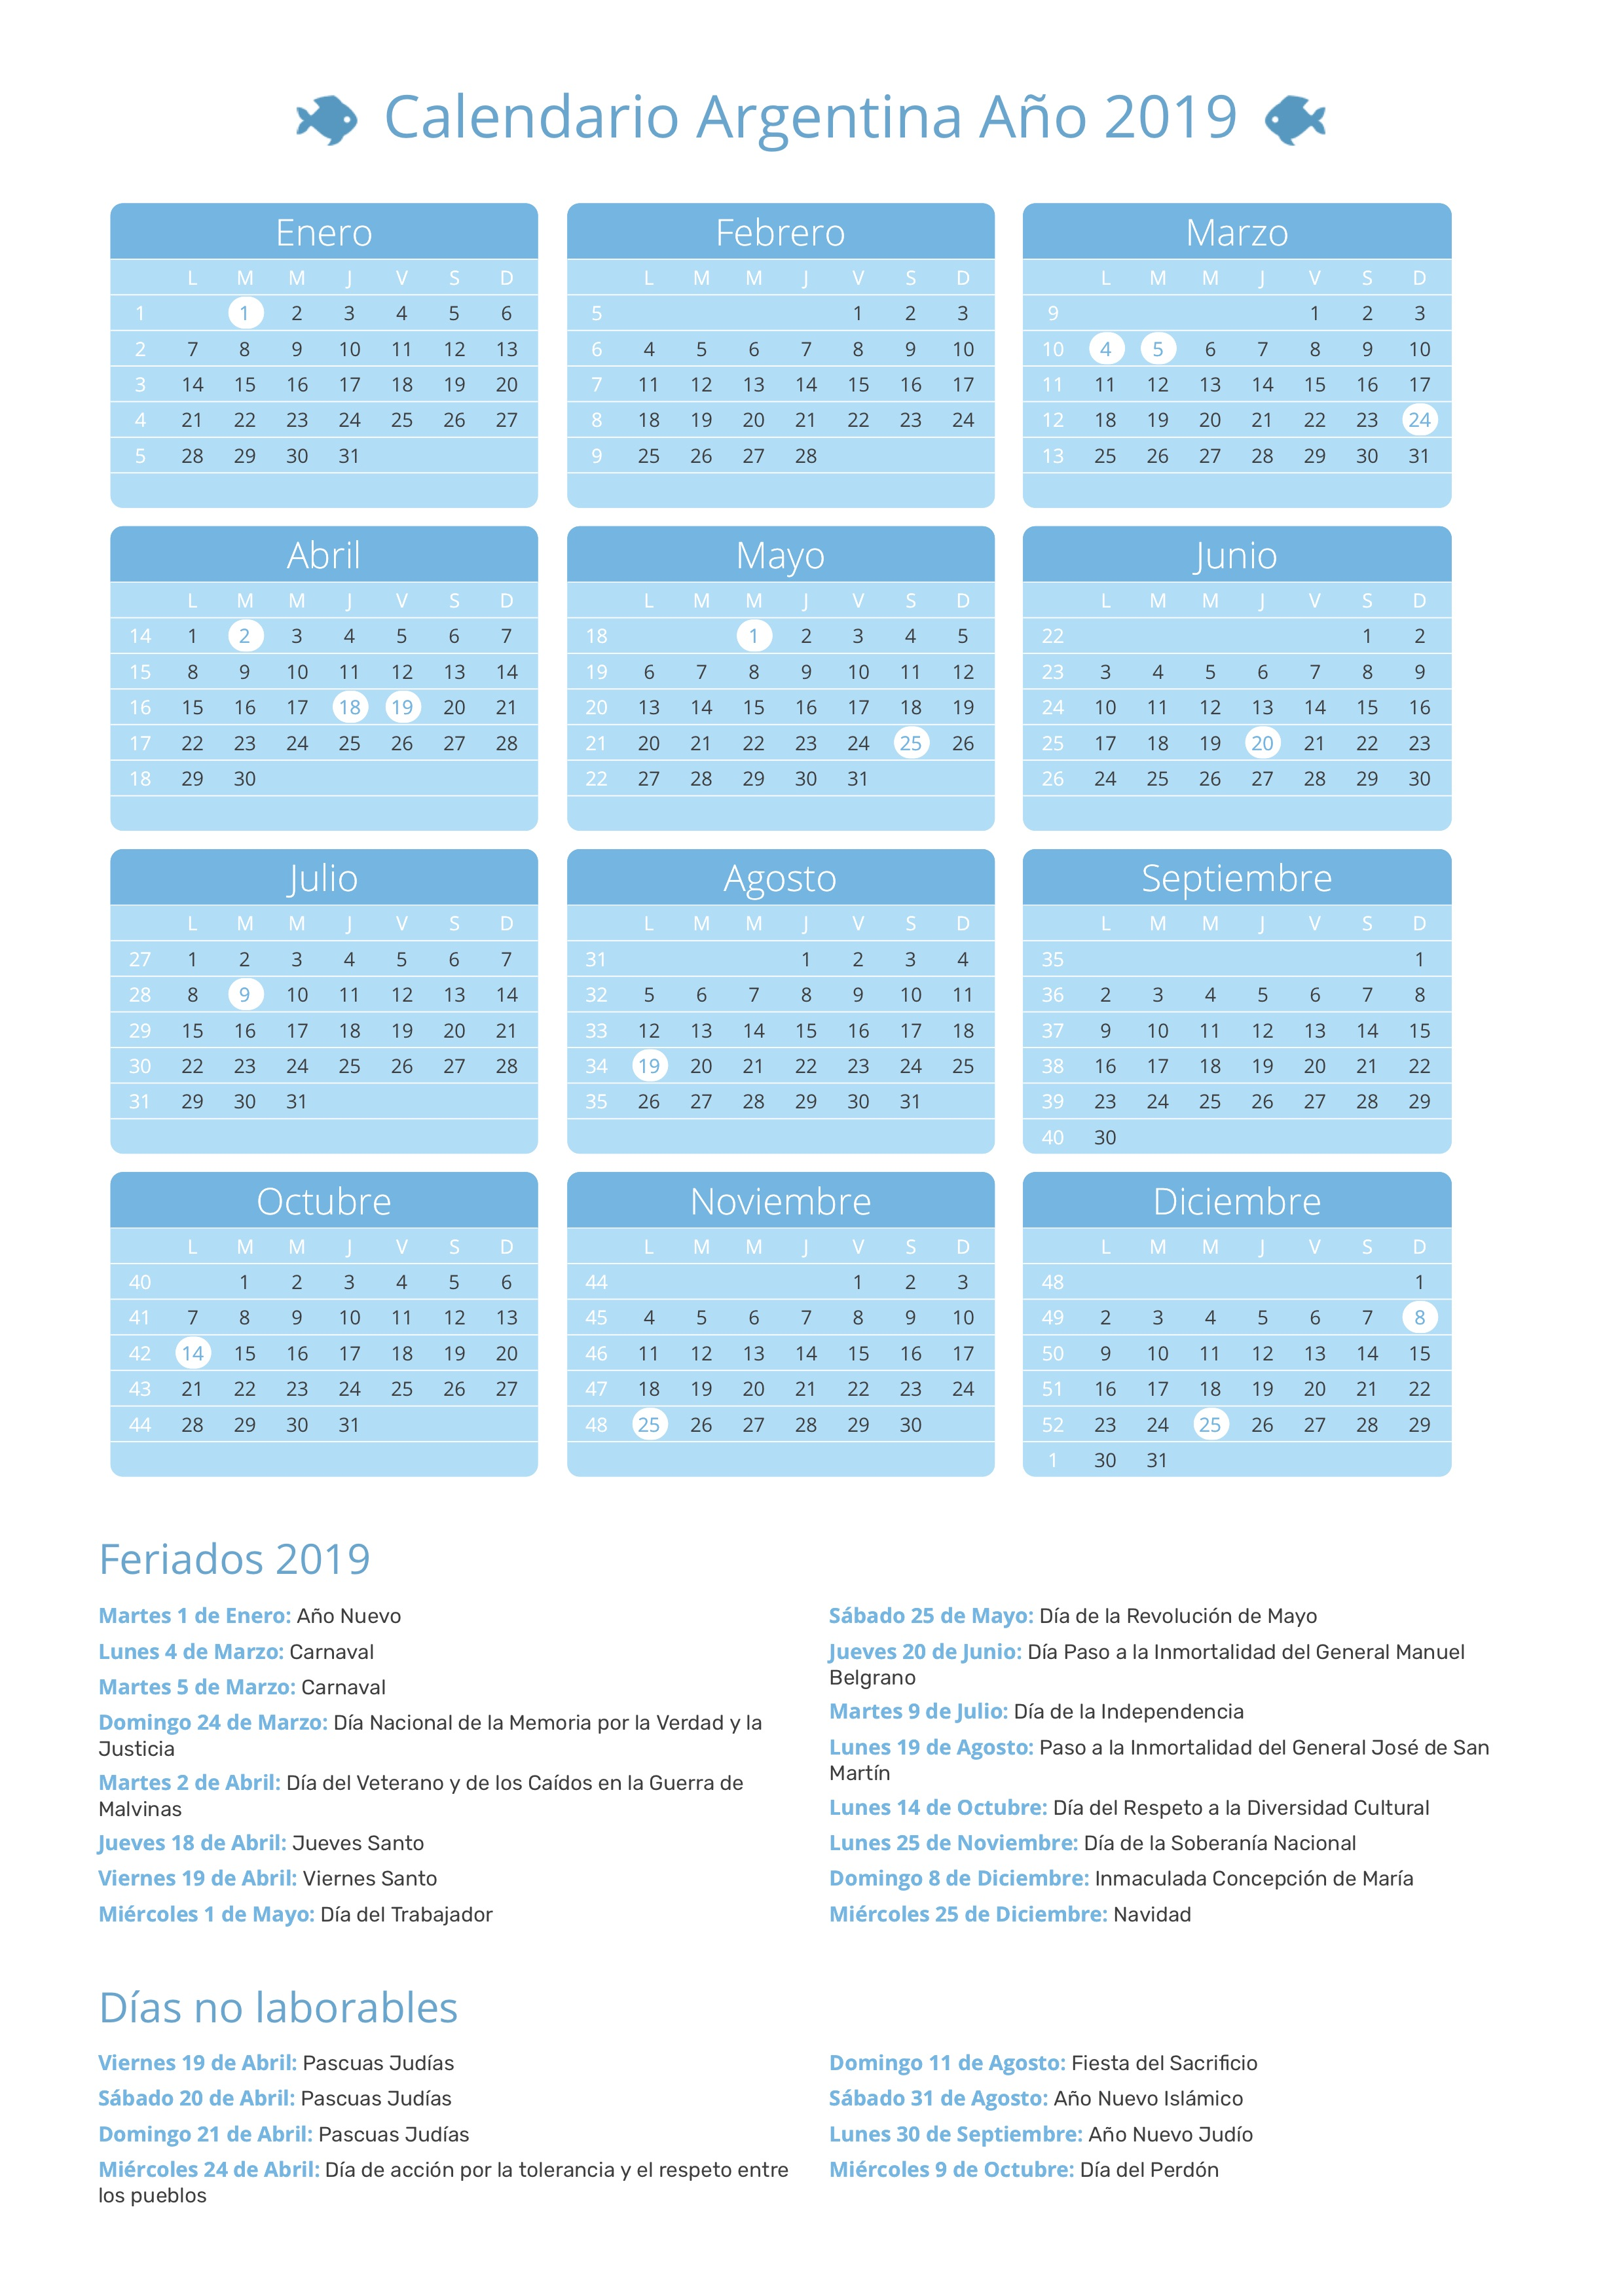 Marzo 2020 Calendario Argentina.Calendario De Argentina Ano 2019 Feriados